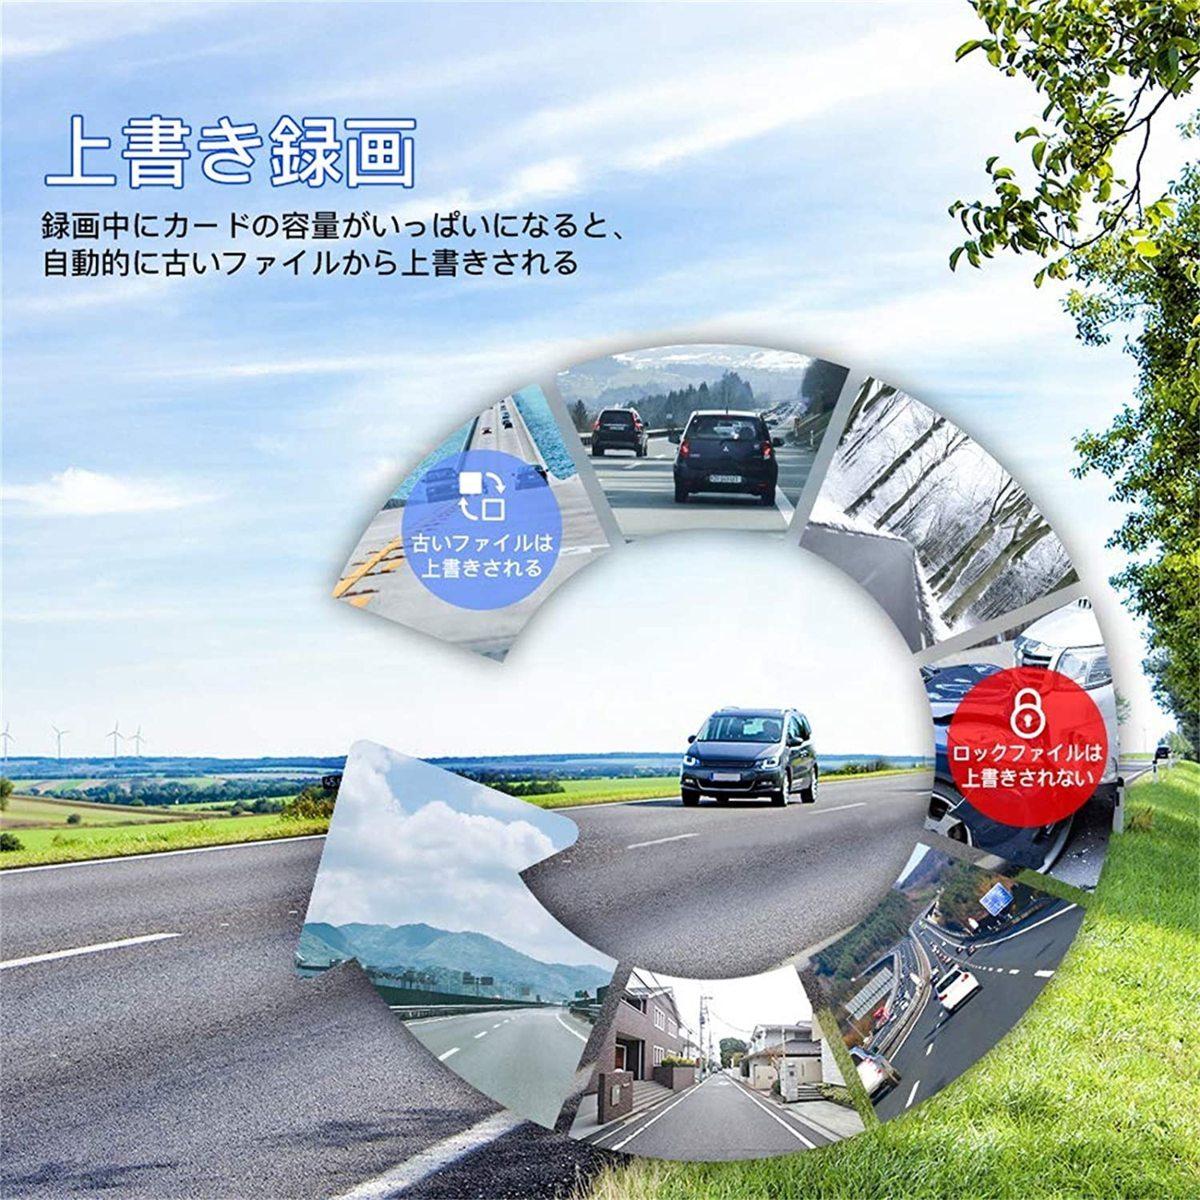 ■新品■ドライブレコーダー 高画質 170度広角 フルHD 駐車監視 Gセンサー ループ録画 上書き機能 高速起動 緊急録画 取り付け簡単!_画像4